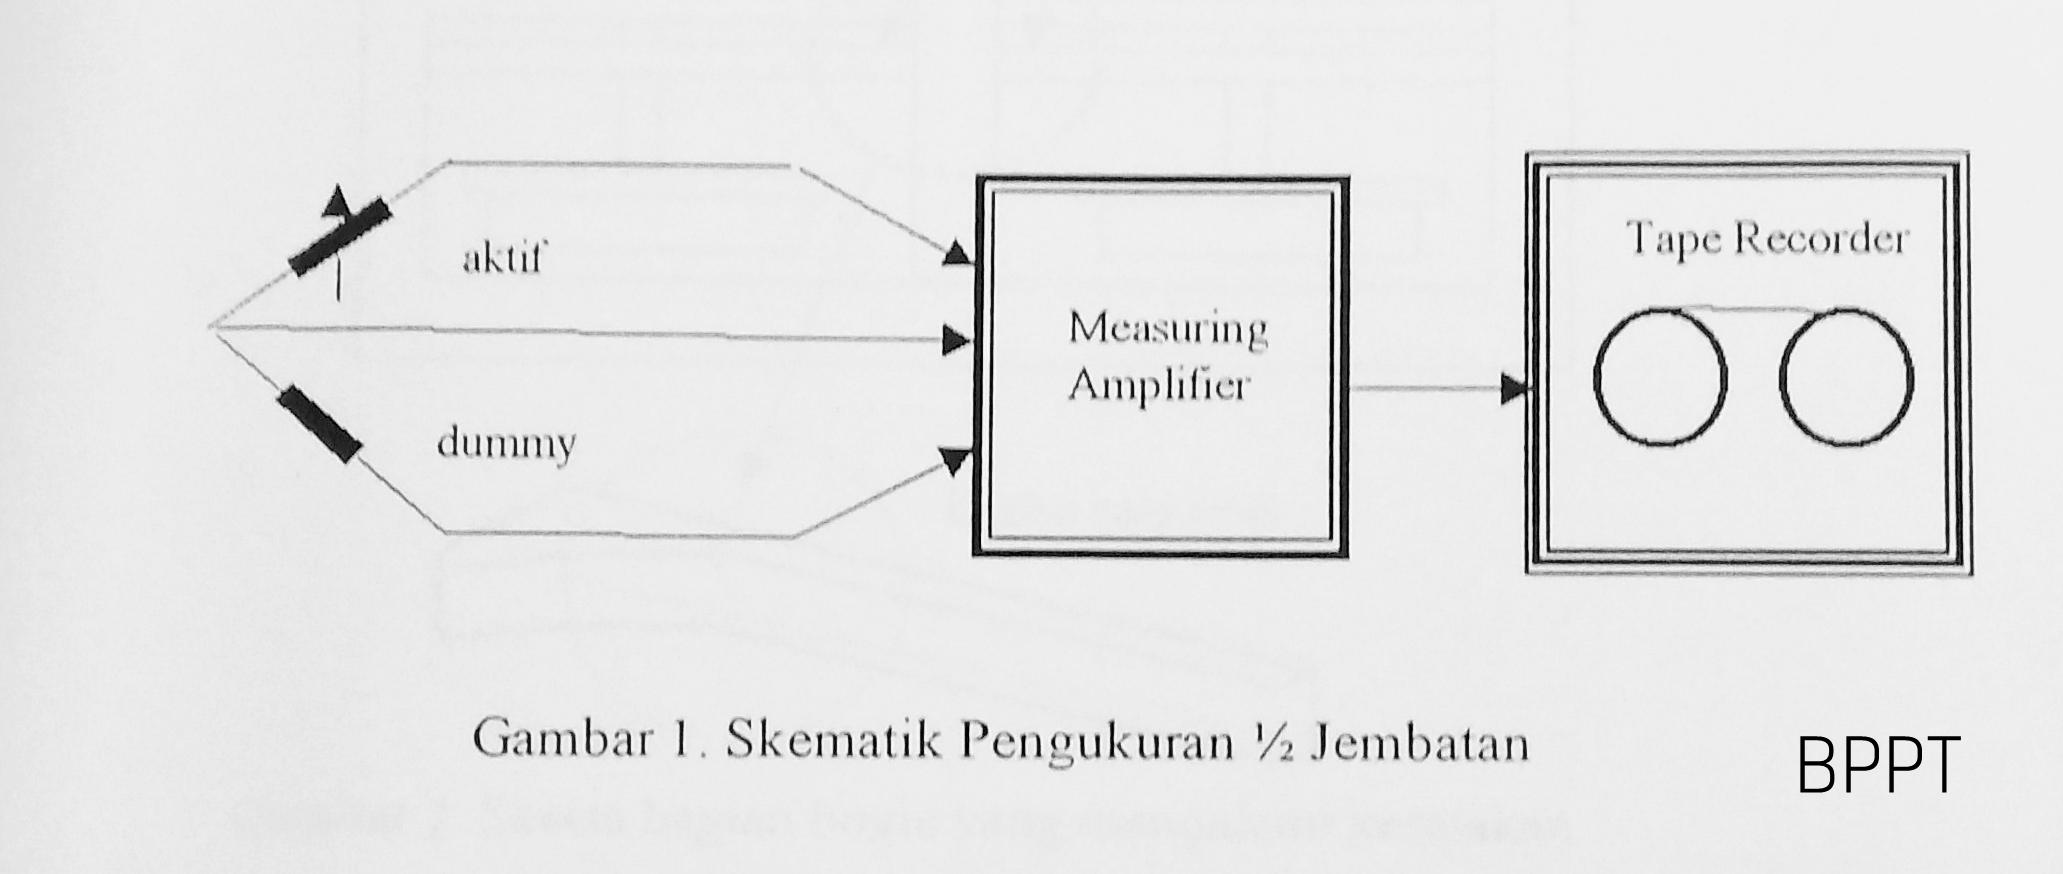 Skematik Pengukuran Setengah Jembatan   Sumber: BPPT